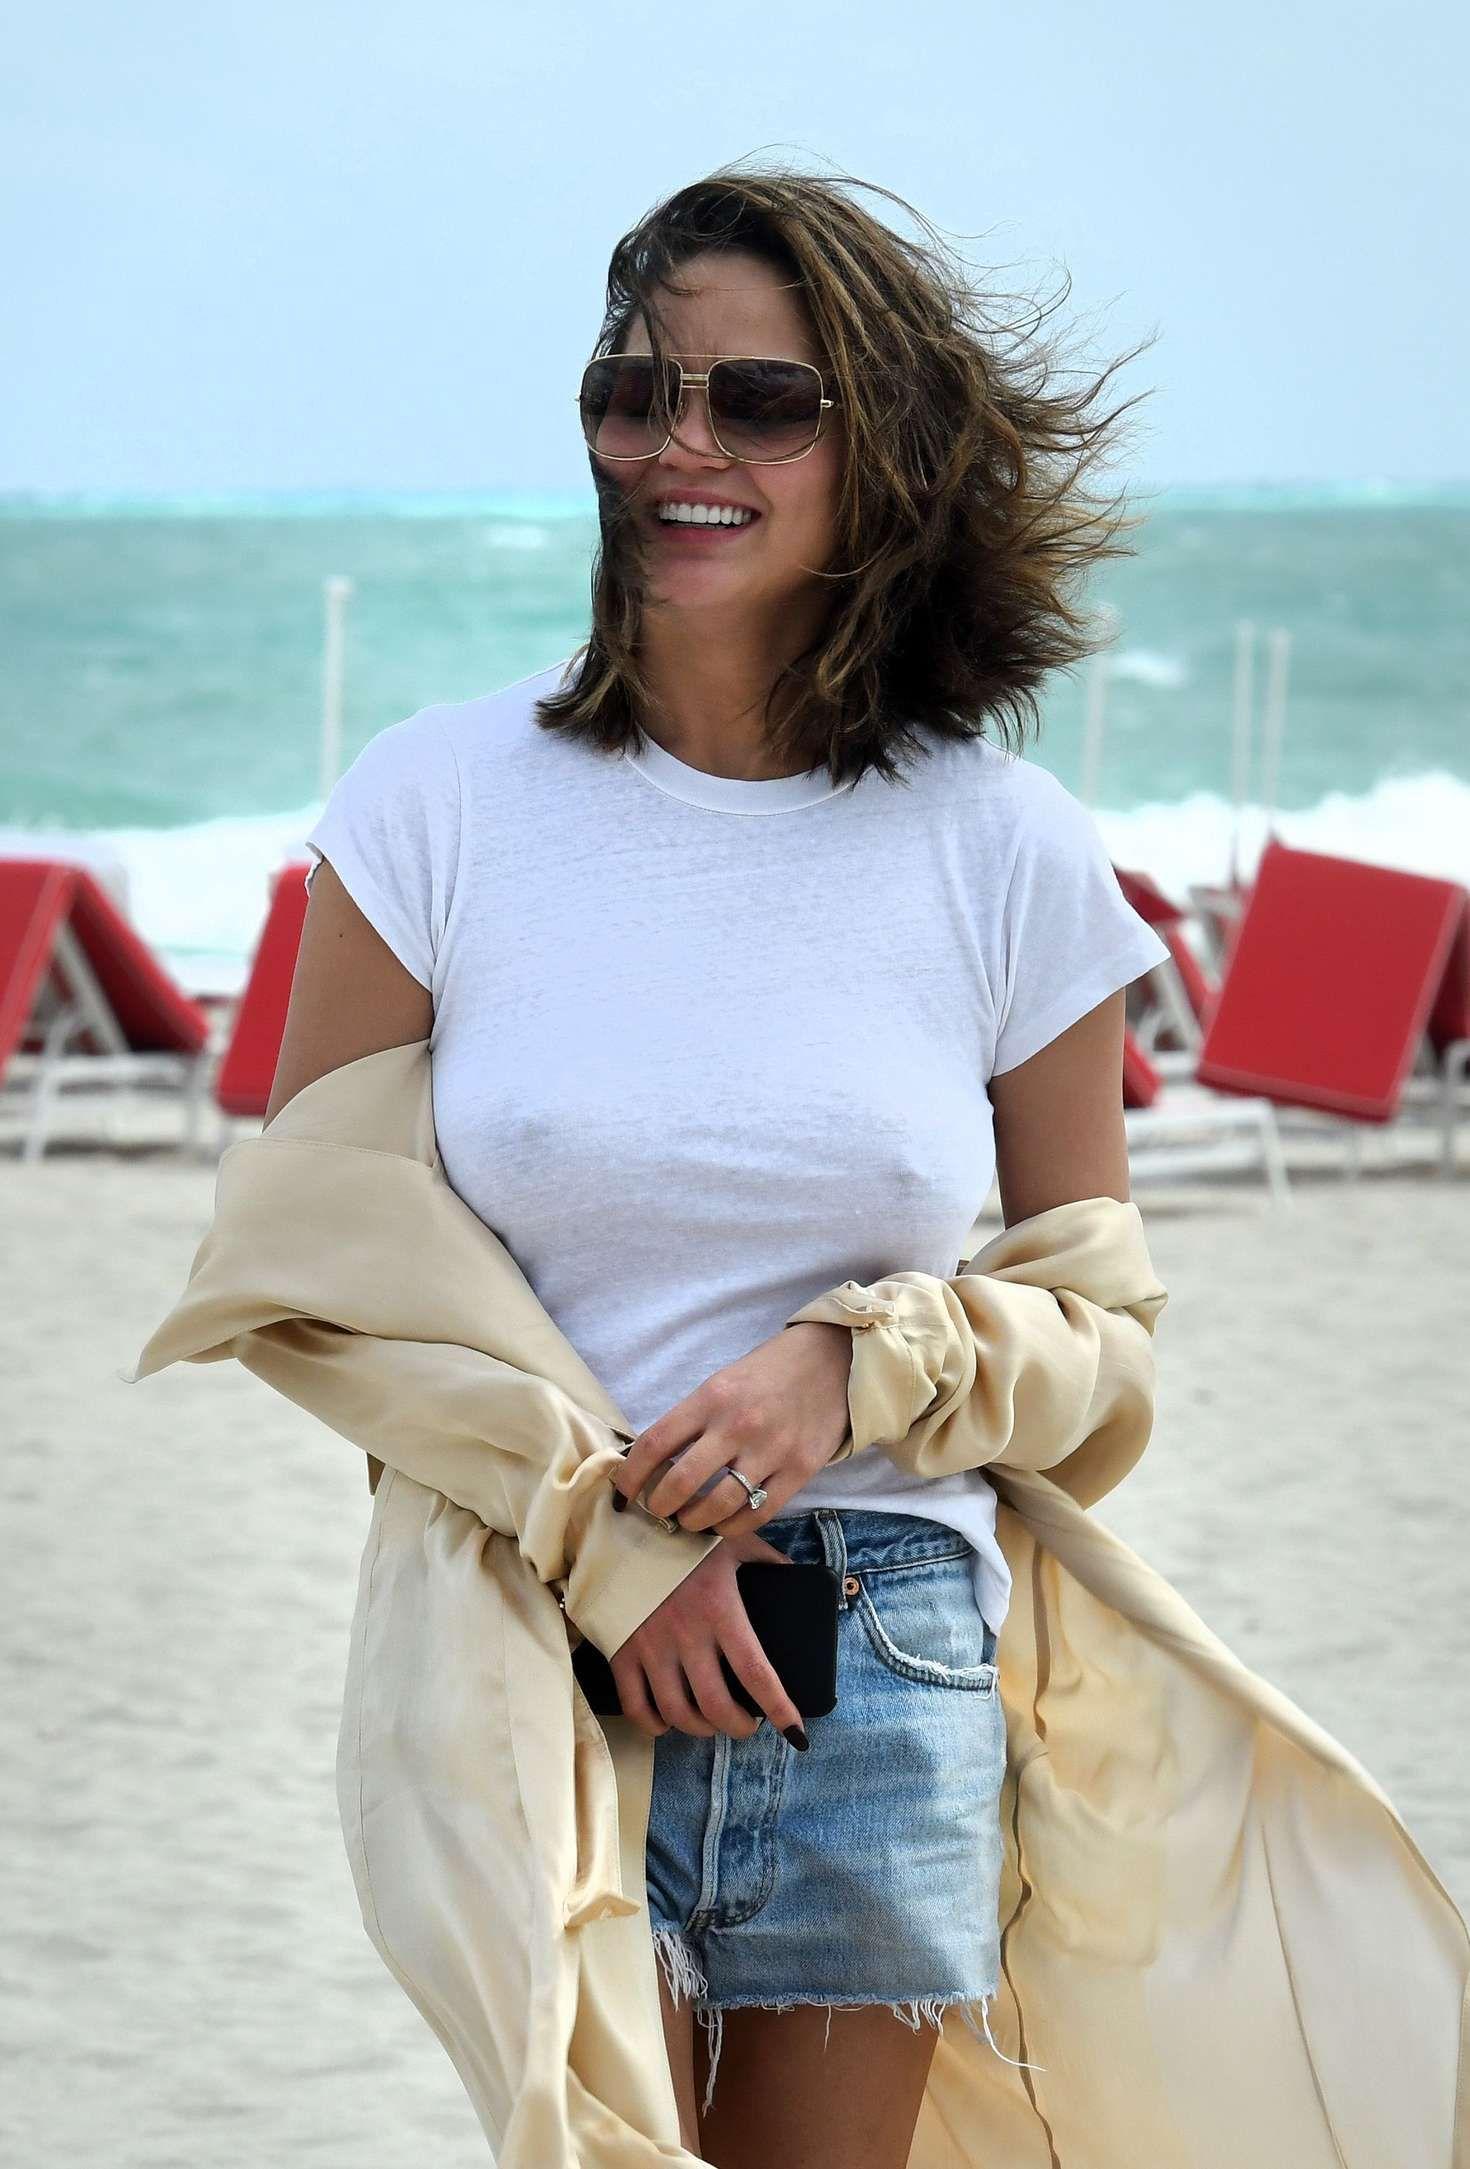 Chrissy-Teigen-in-Jeans-Shorts-on-the-Beach-in-Miami--14.jpg (1470×2169)